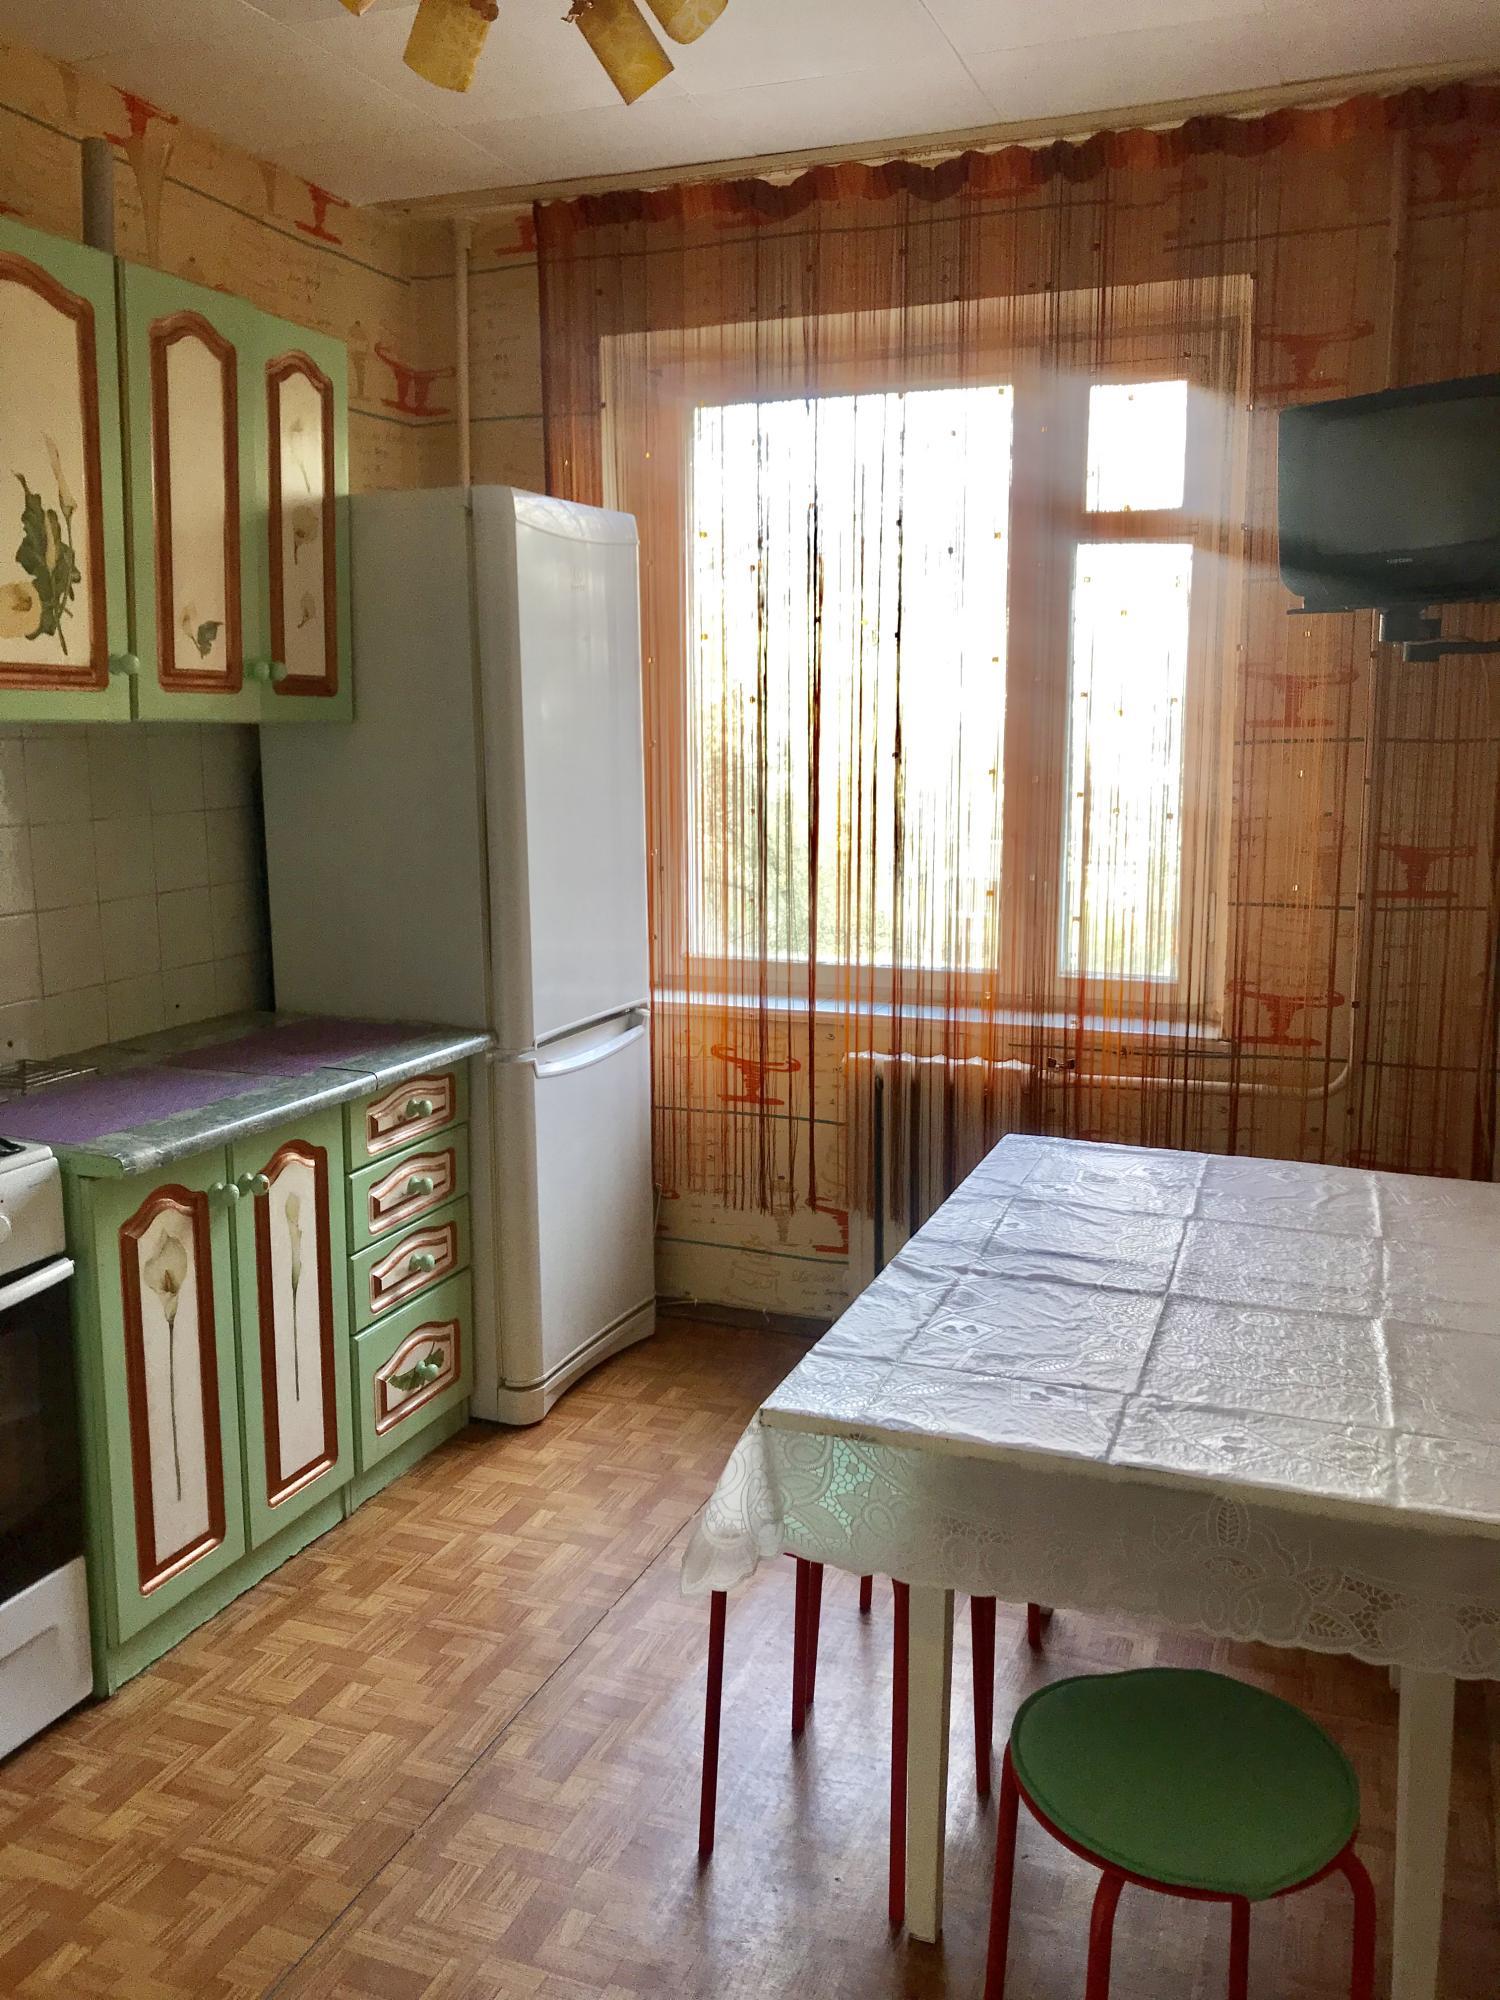 Квартира, 3 комнаты, 69 м² в Жуковском 89166722050 купить 1